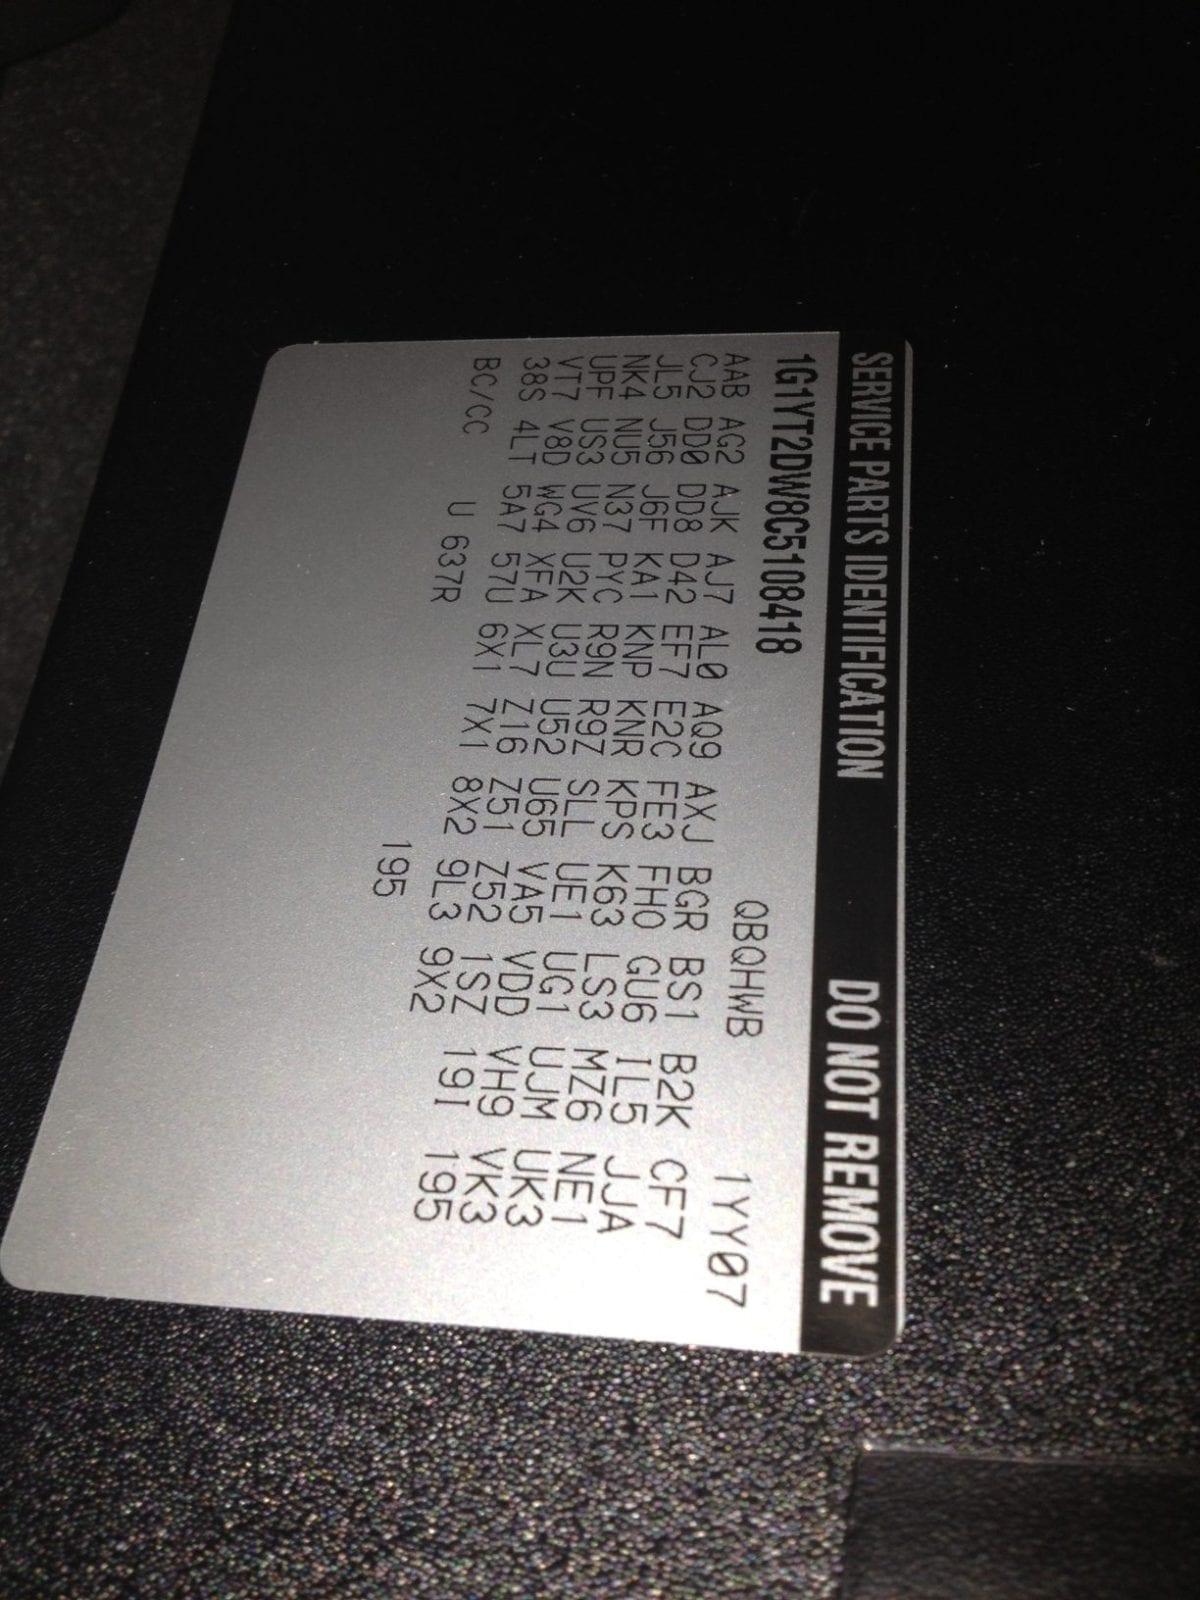 Callaway Corvette RPO B2K Code Sticker